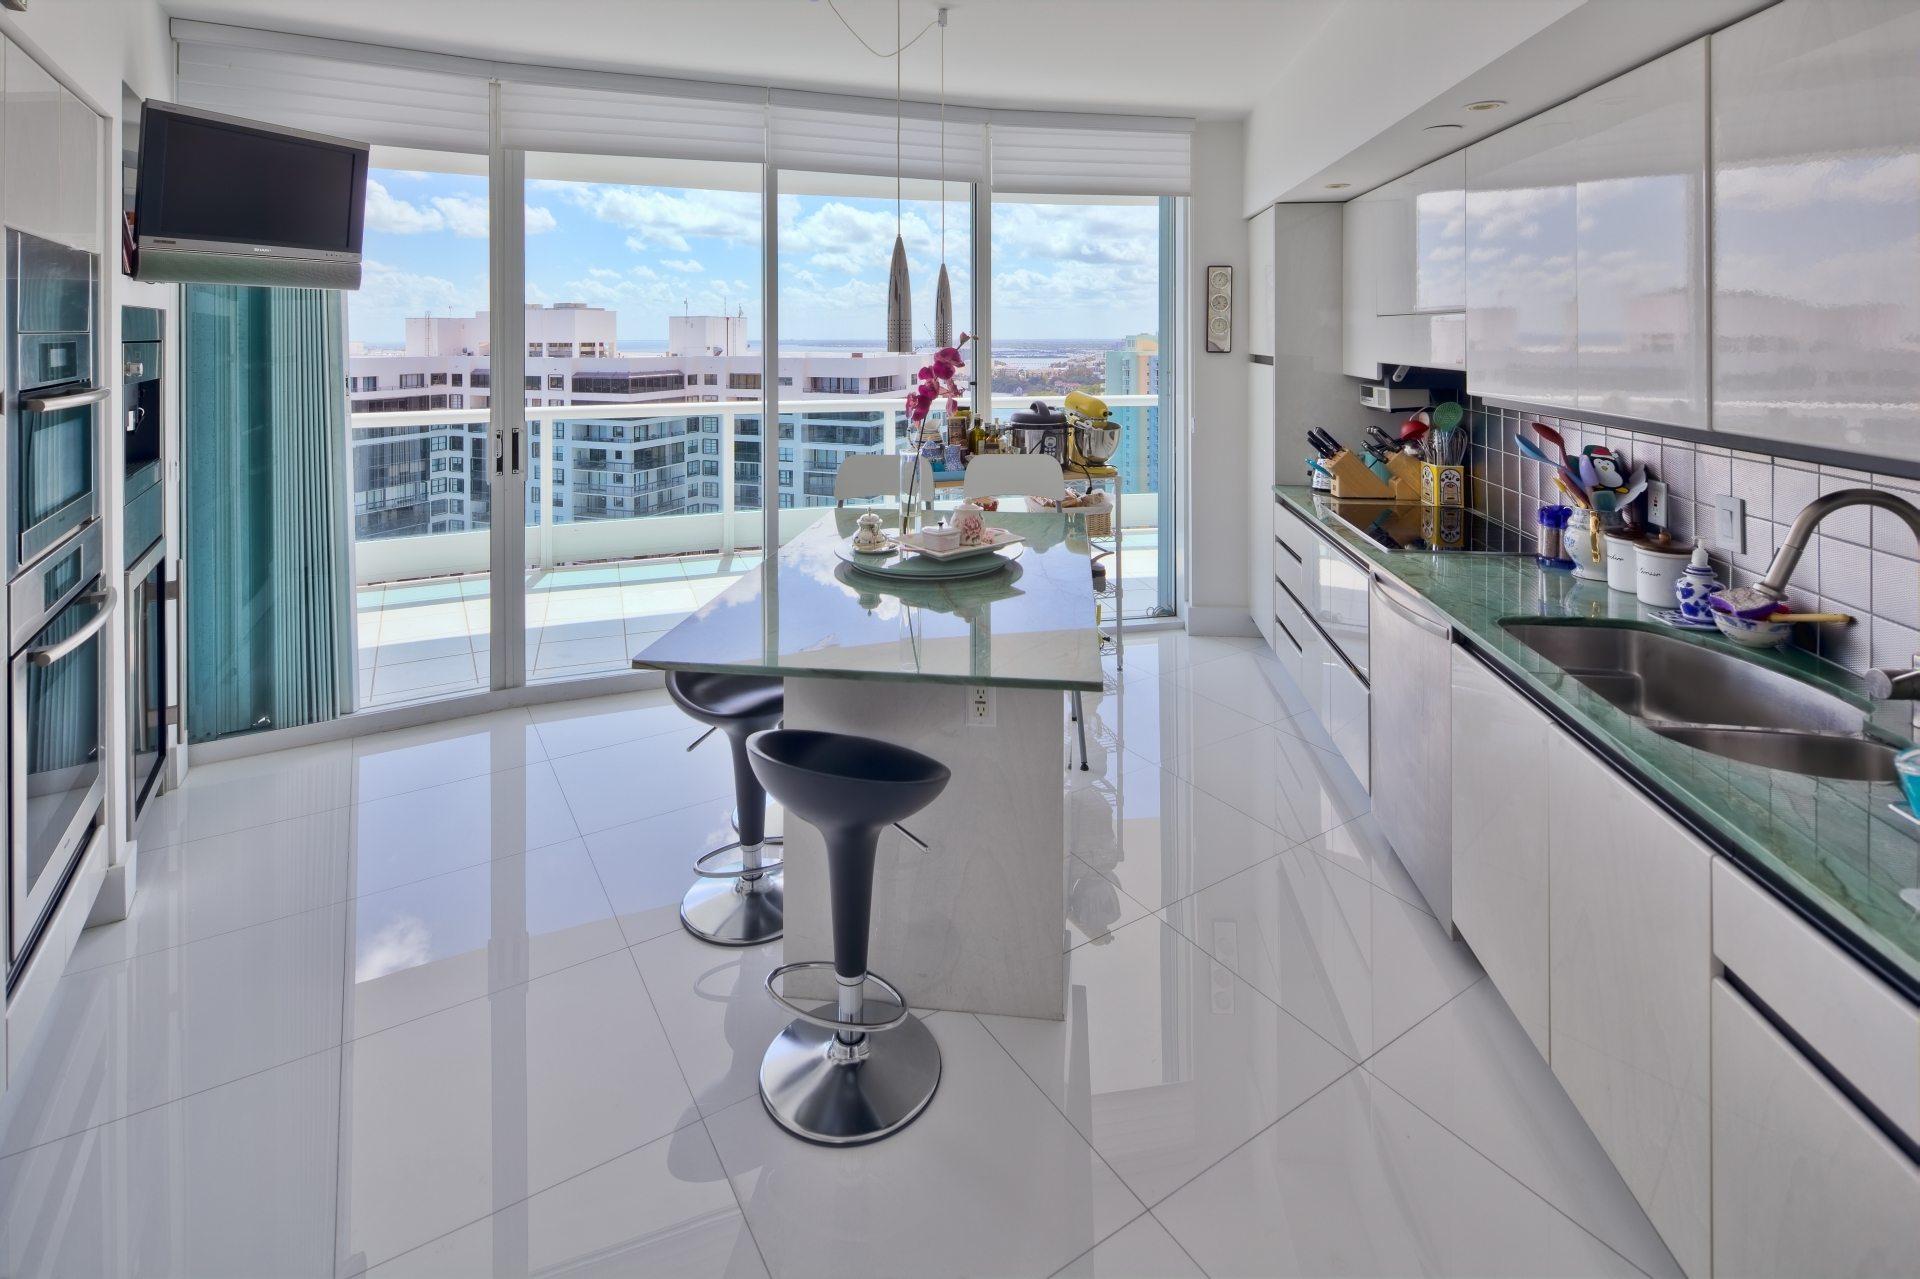 Bristol Tower kitchen